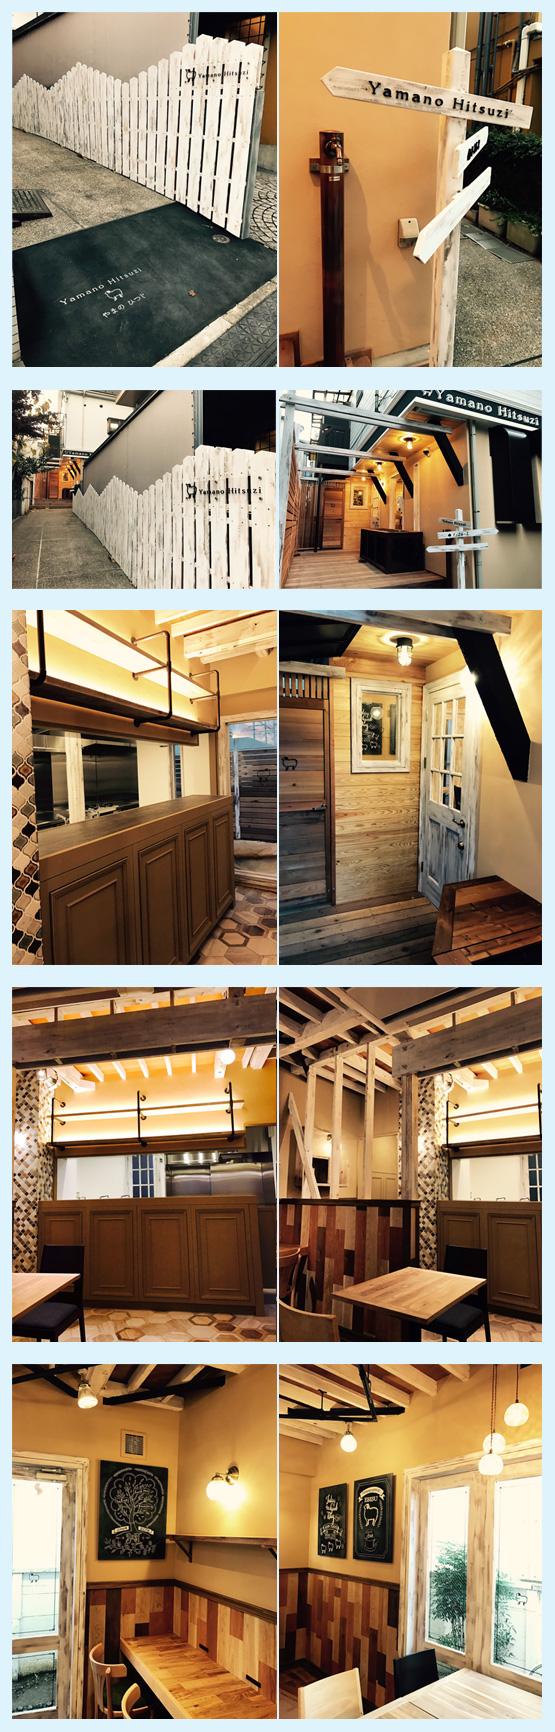 カフェ・喫茶店・パン屋・ケーキ屋 内装デザイン事例61